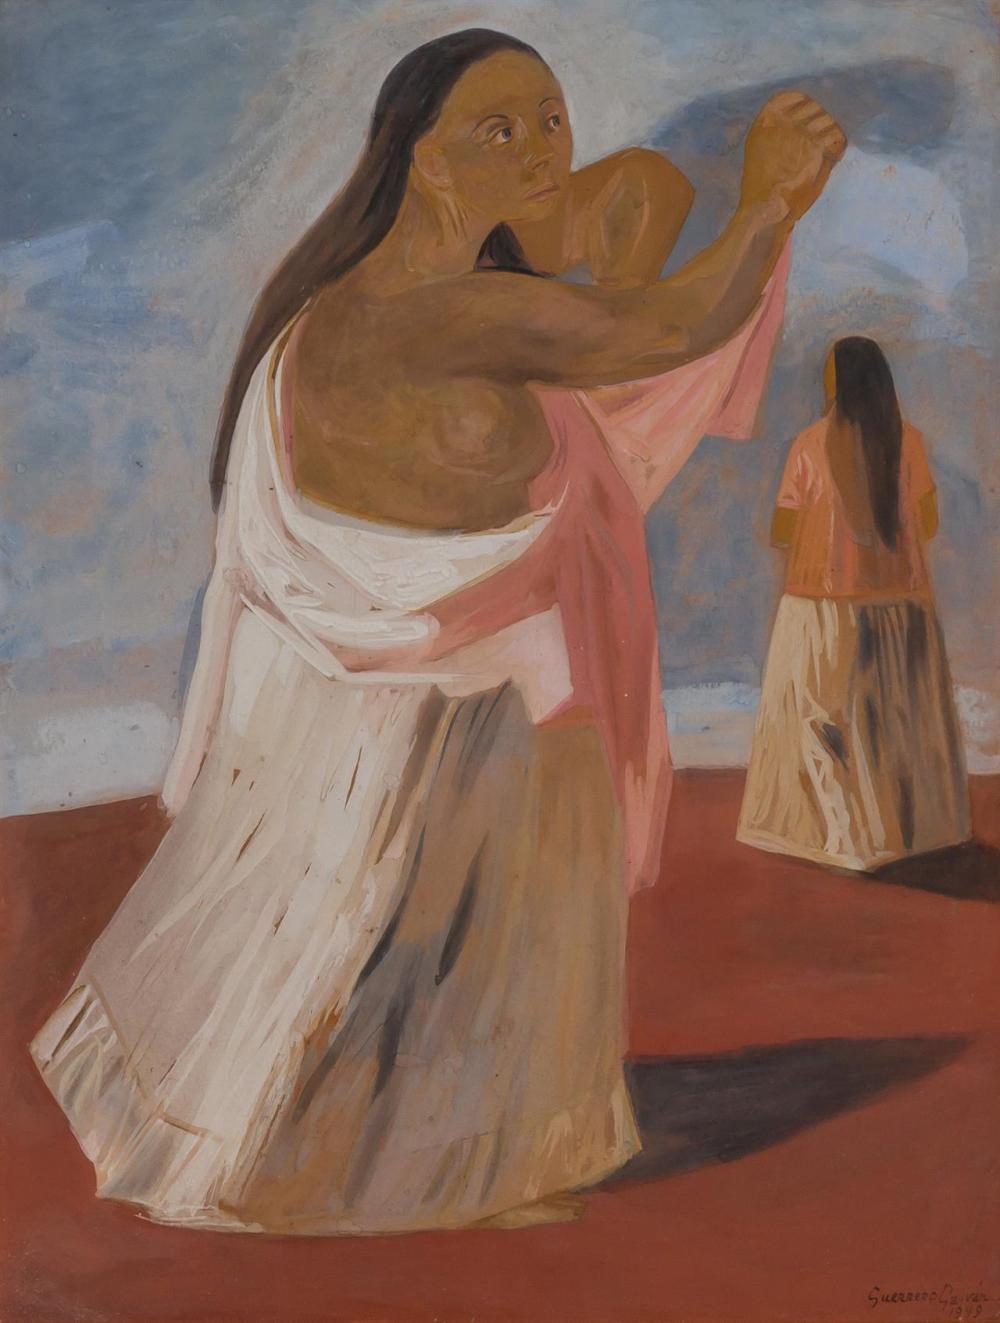 """JESUS GUERRERO GALVAN, Mexican (1910-1973), Two Women, gouache on paper, signed lower right """"Guerrero Galvan 1949"""", 21 1/4 x 16 1/2..."""